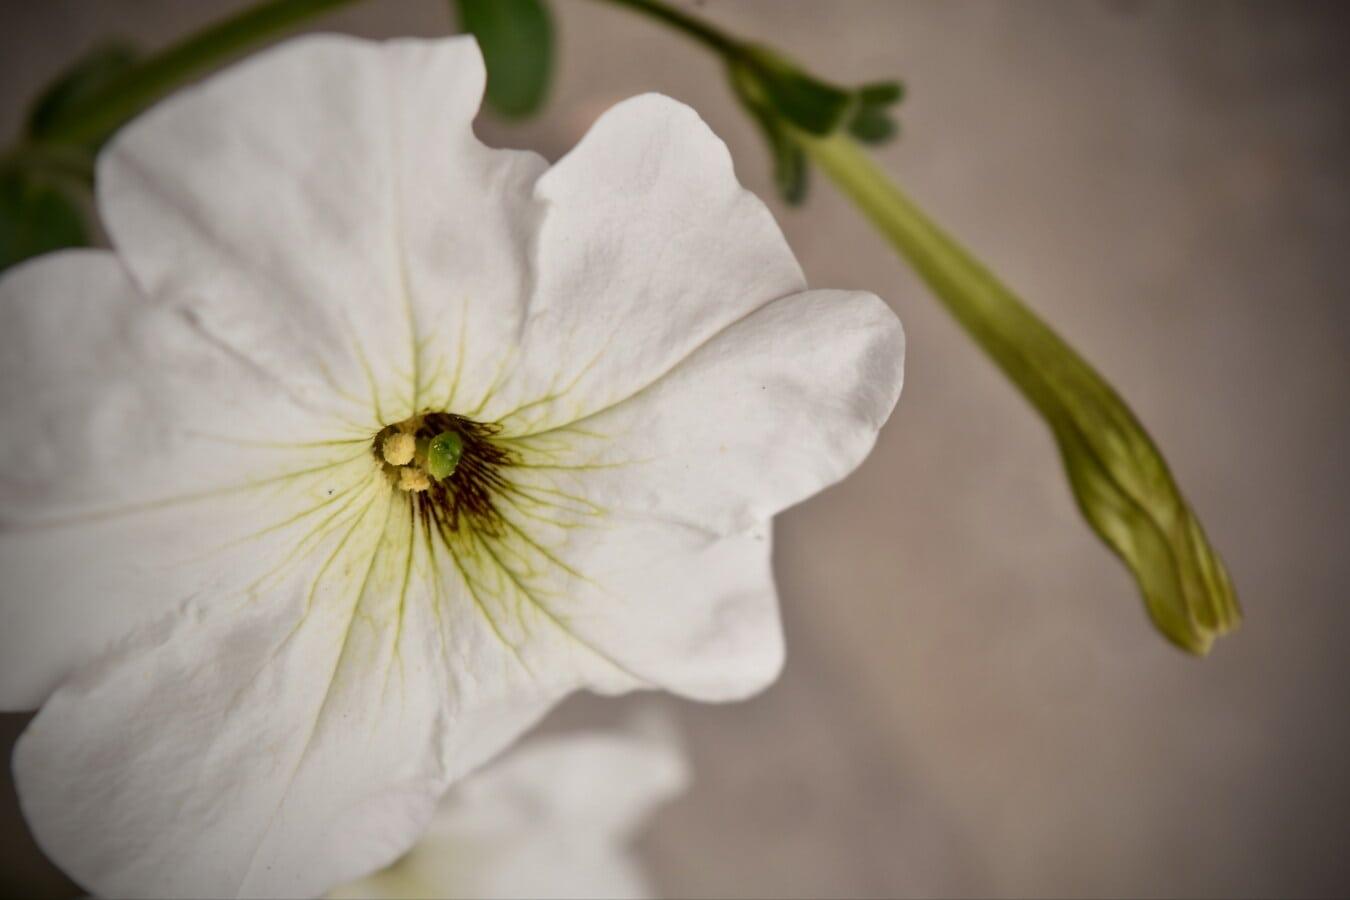 weiße Blume, Petunia, Nektar, Blütenblätter, Pollen, Natur, Kraut, Anlage, Blatt, Blume